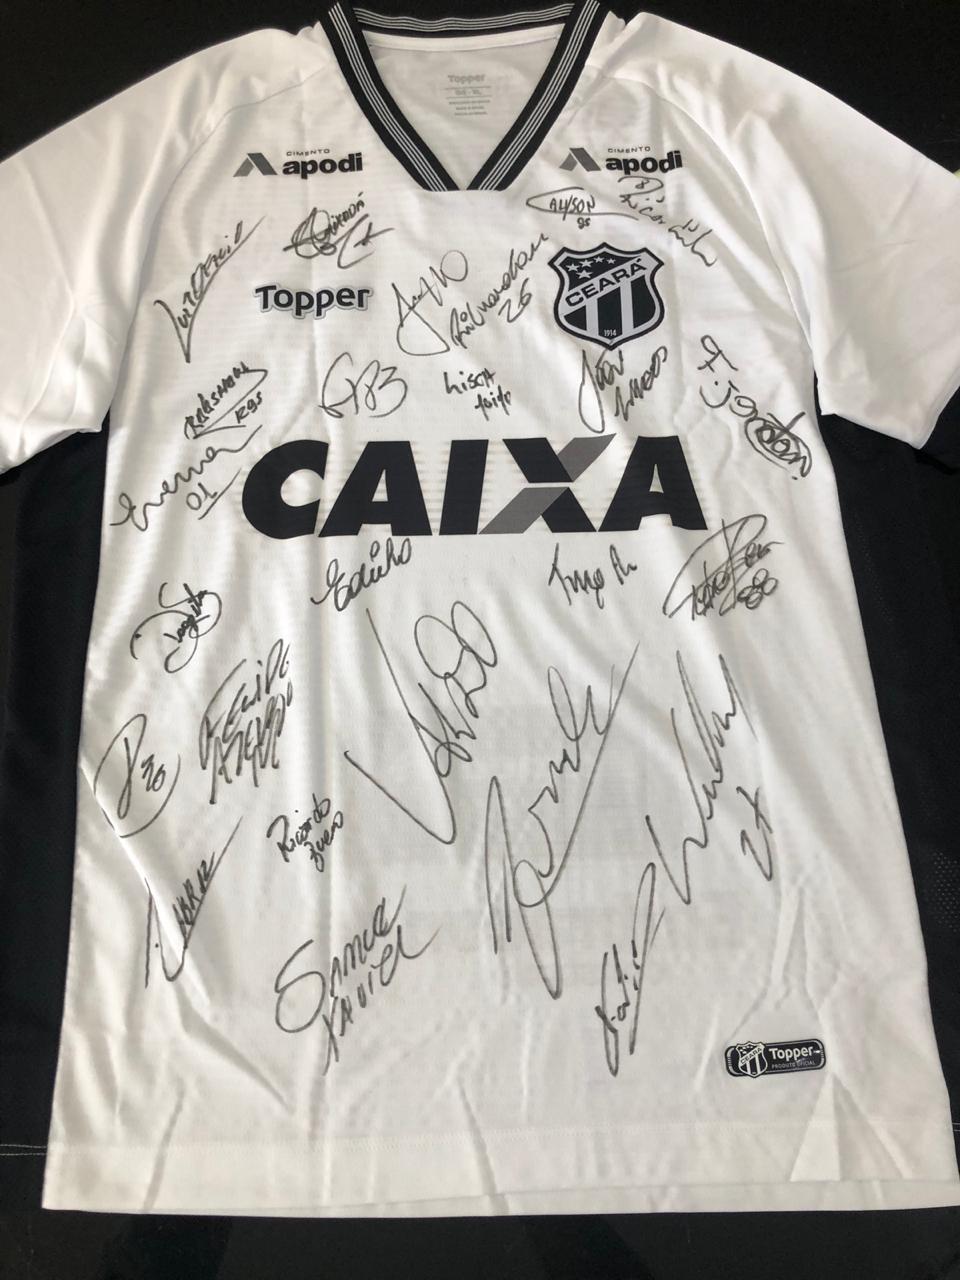 96ccc74645 Camisa autografada do Ceará será leiloada no  Amigos em Ação